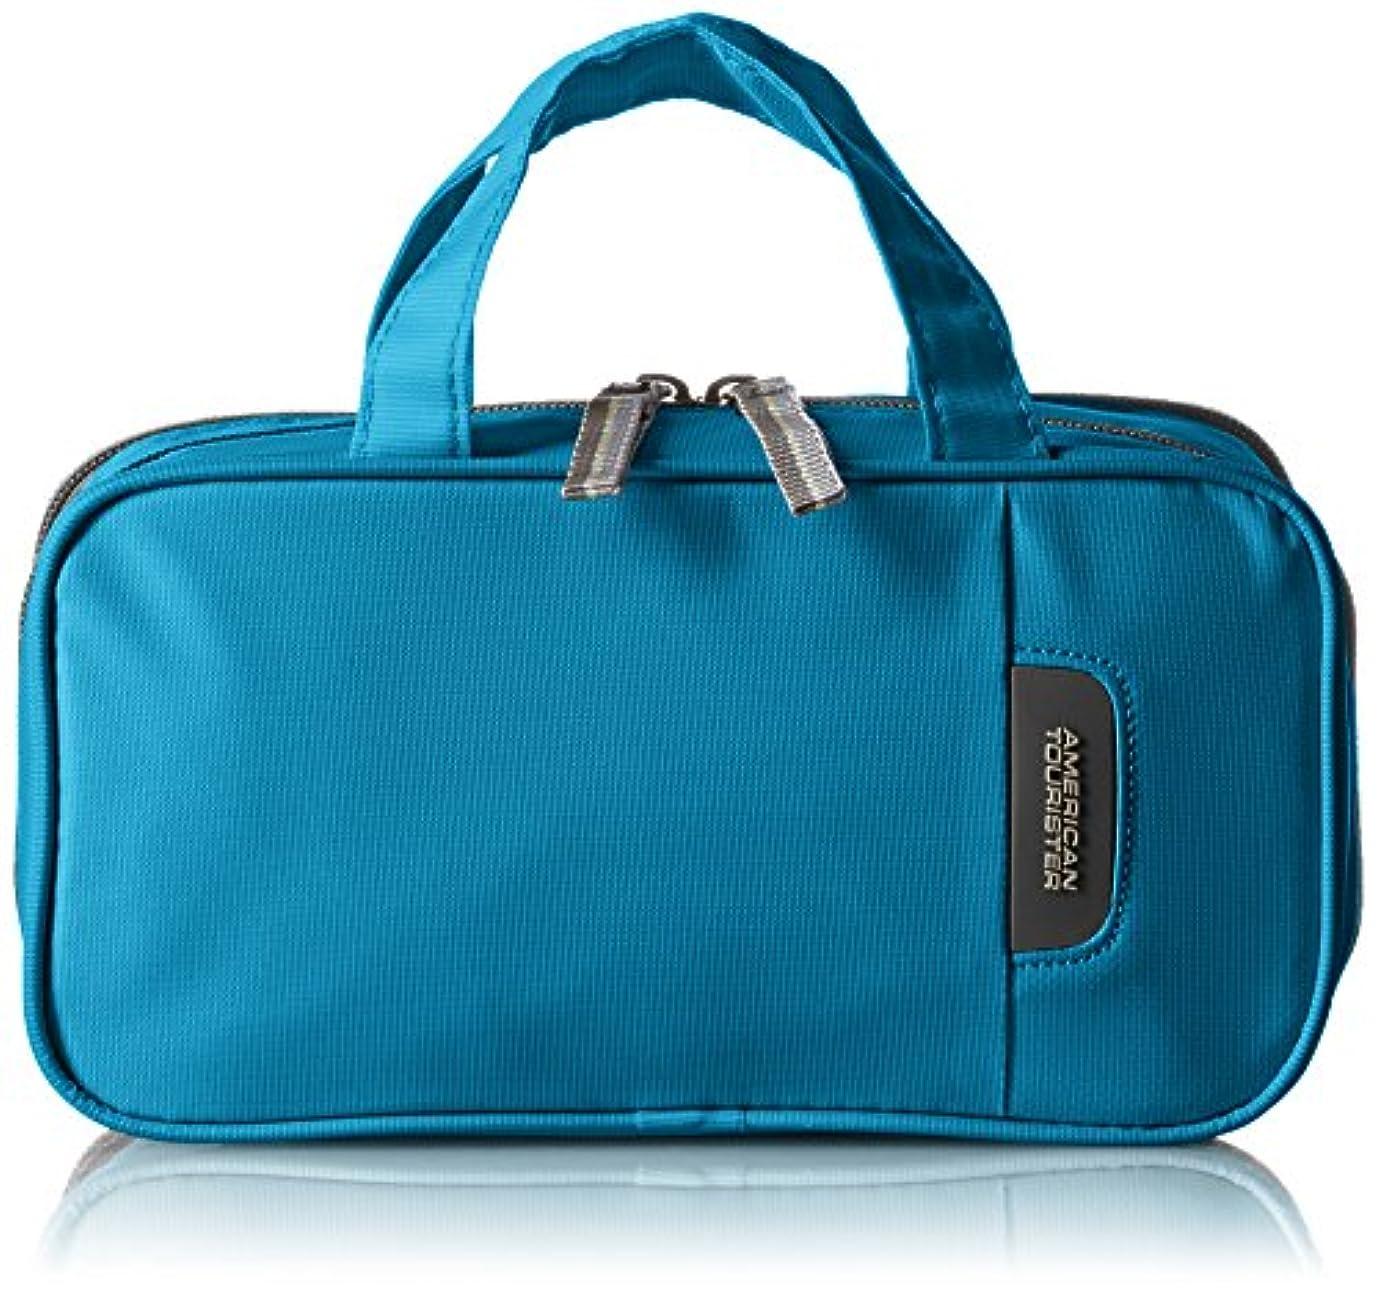 再集計一過性鑑定[アメリカンツーリスター] トイレタリーバッグ 旅行小物 コスメティック ケース 13 cm 0.13 kg 57302 国内正規品 メーカー保証付き